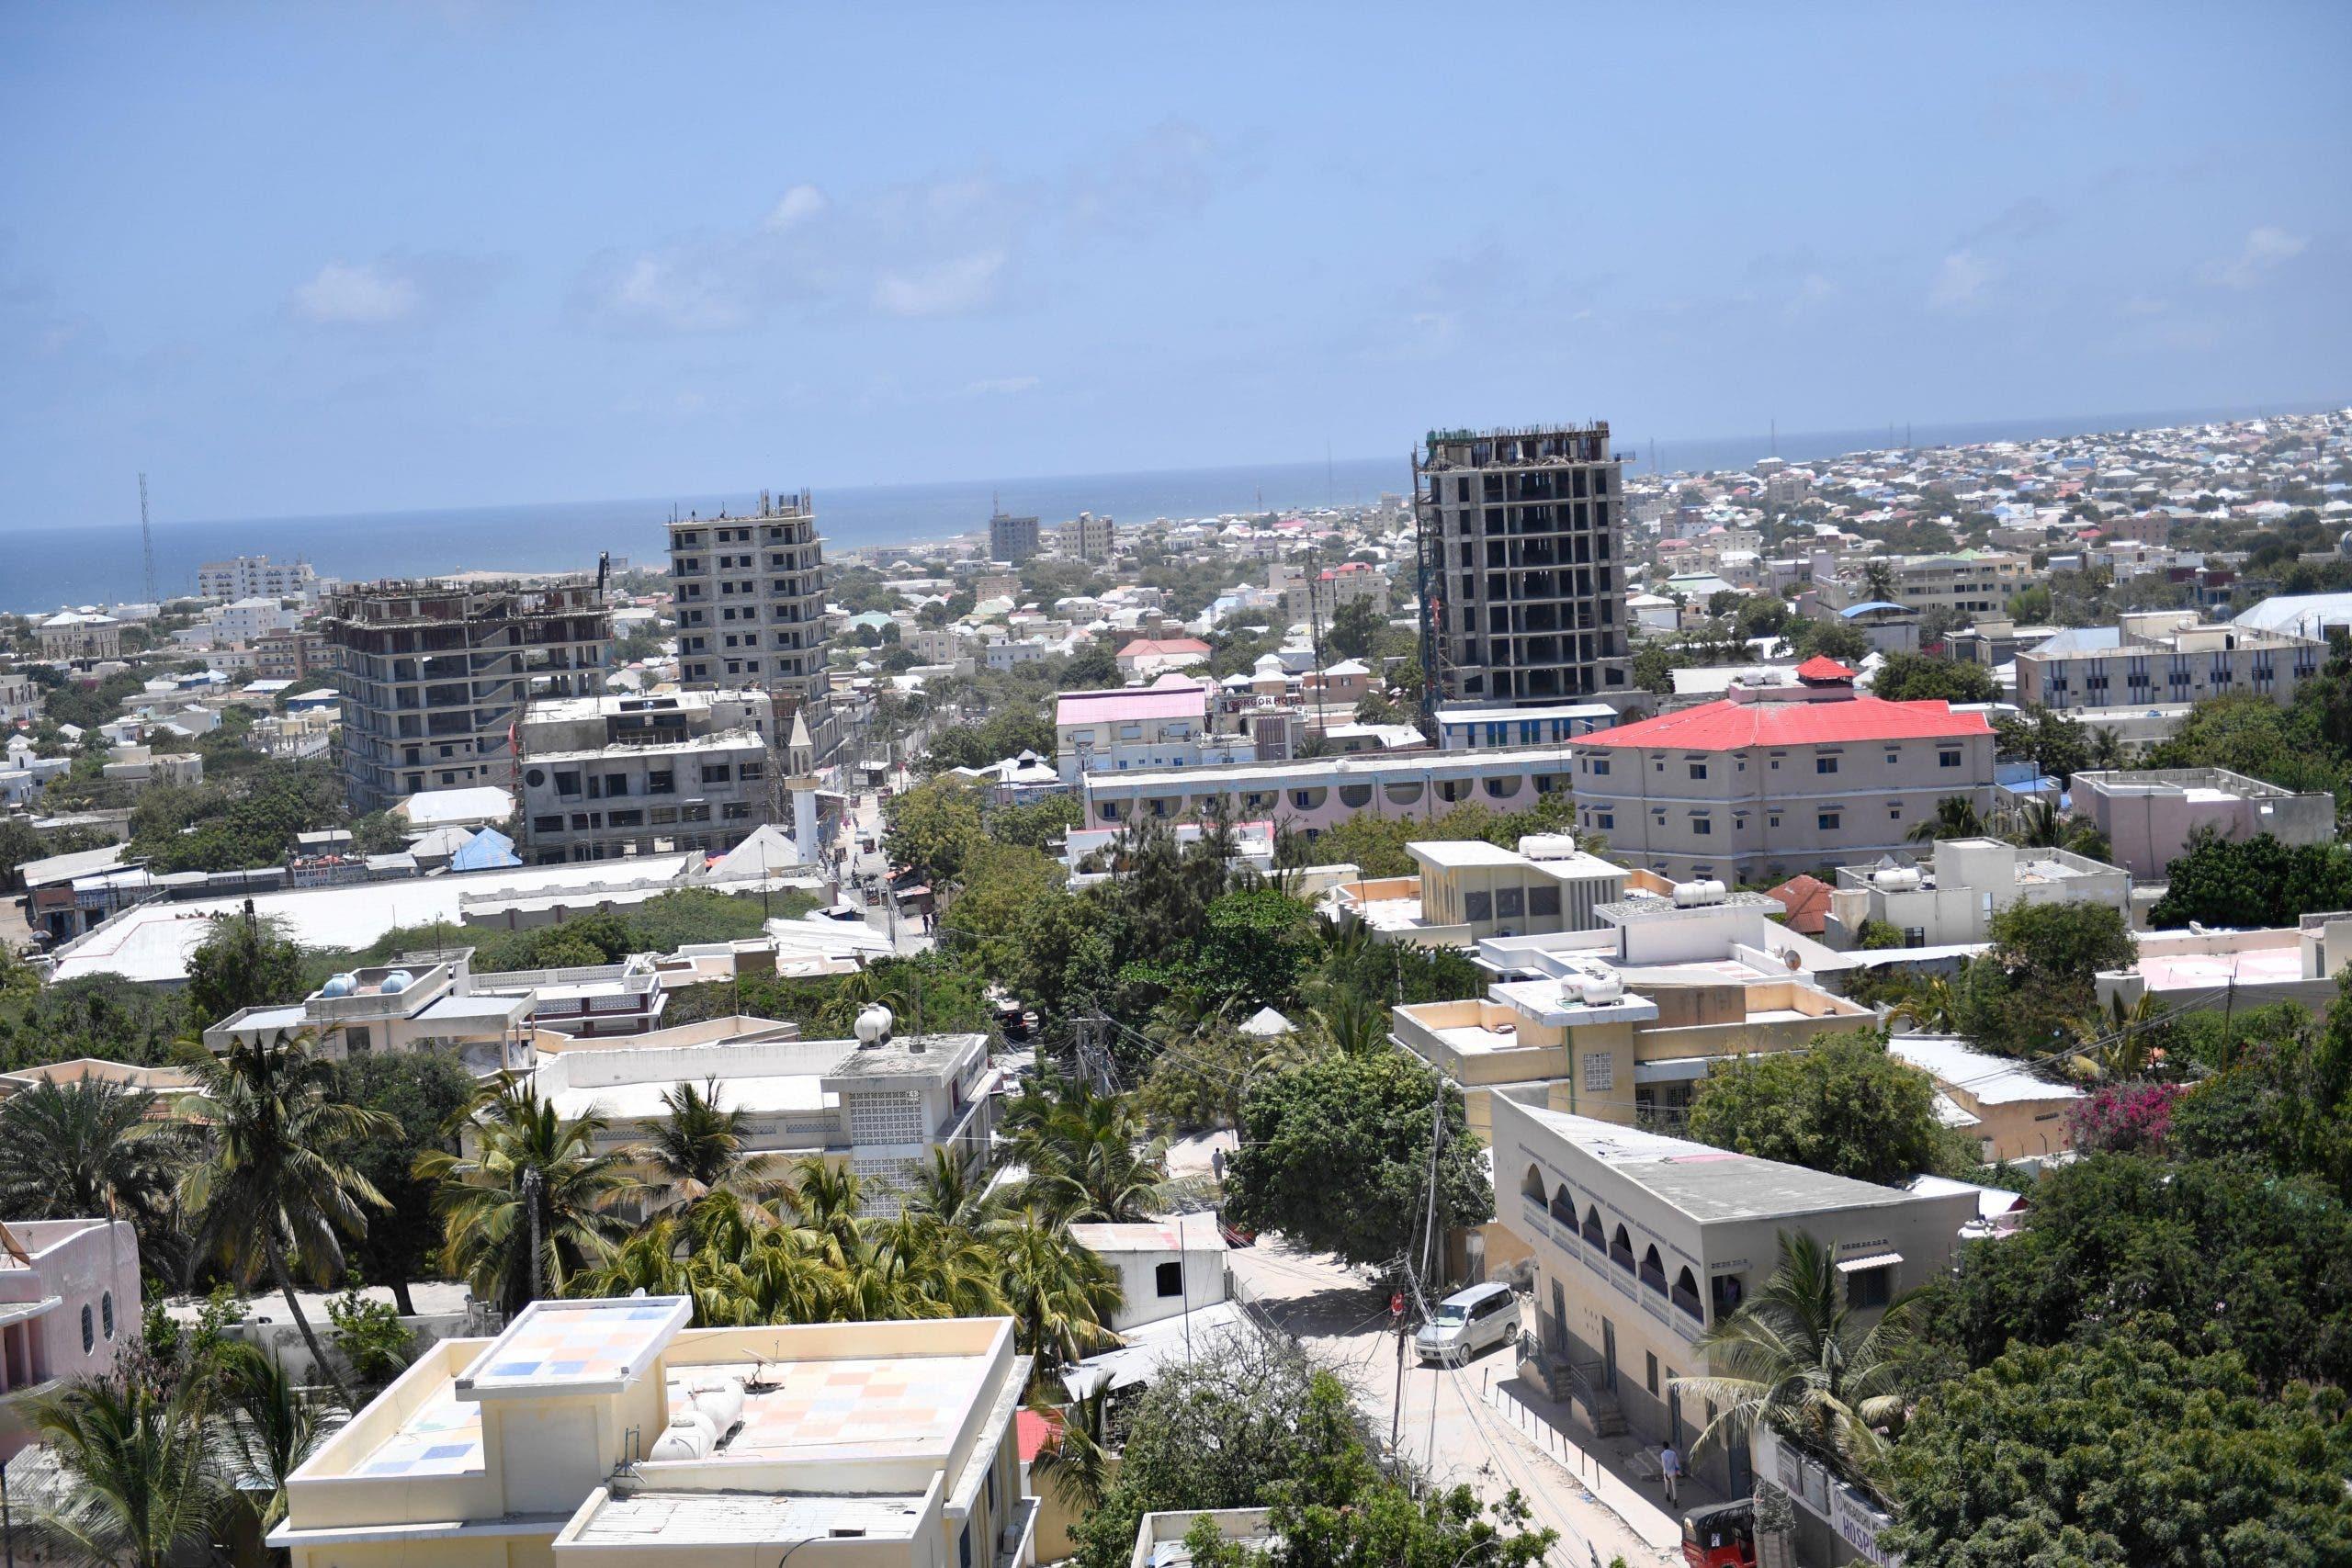 Muqdisho: Xarun degmo oo la xiray kadib xogta weerar Al-Shabaab qorsheyneyso